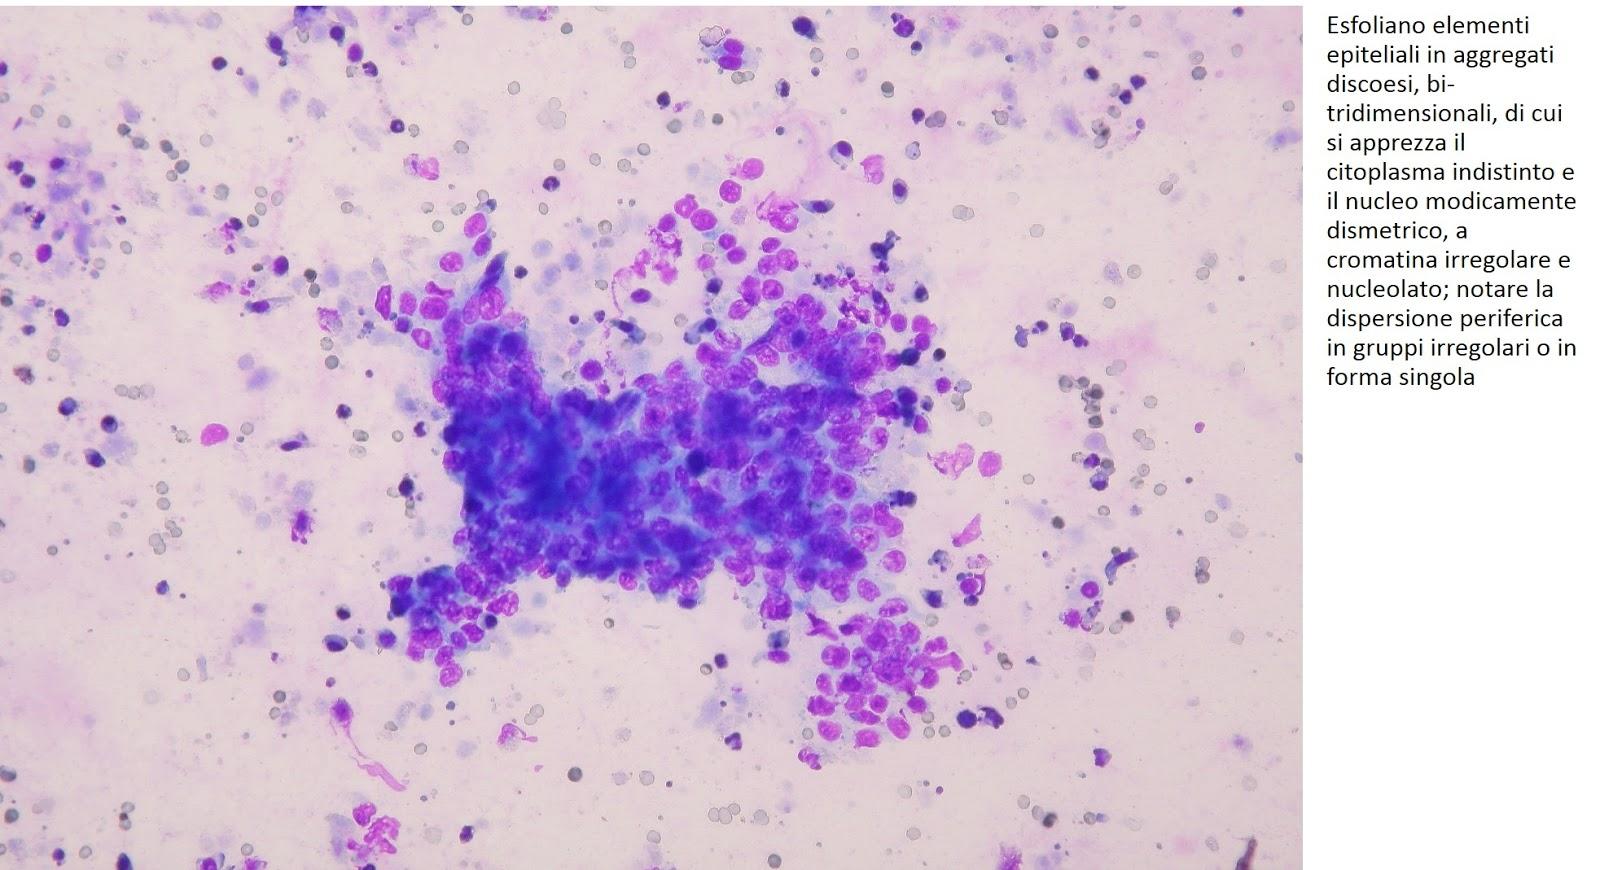 frammento di tessuto prostatico con focolaio di adenocarcinoma 1